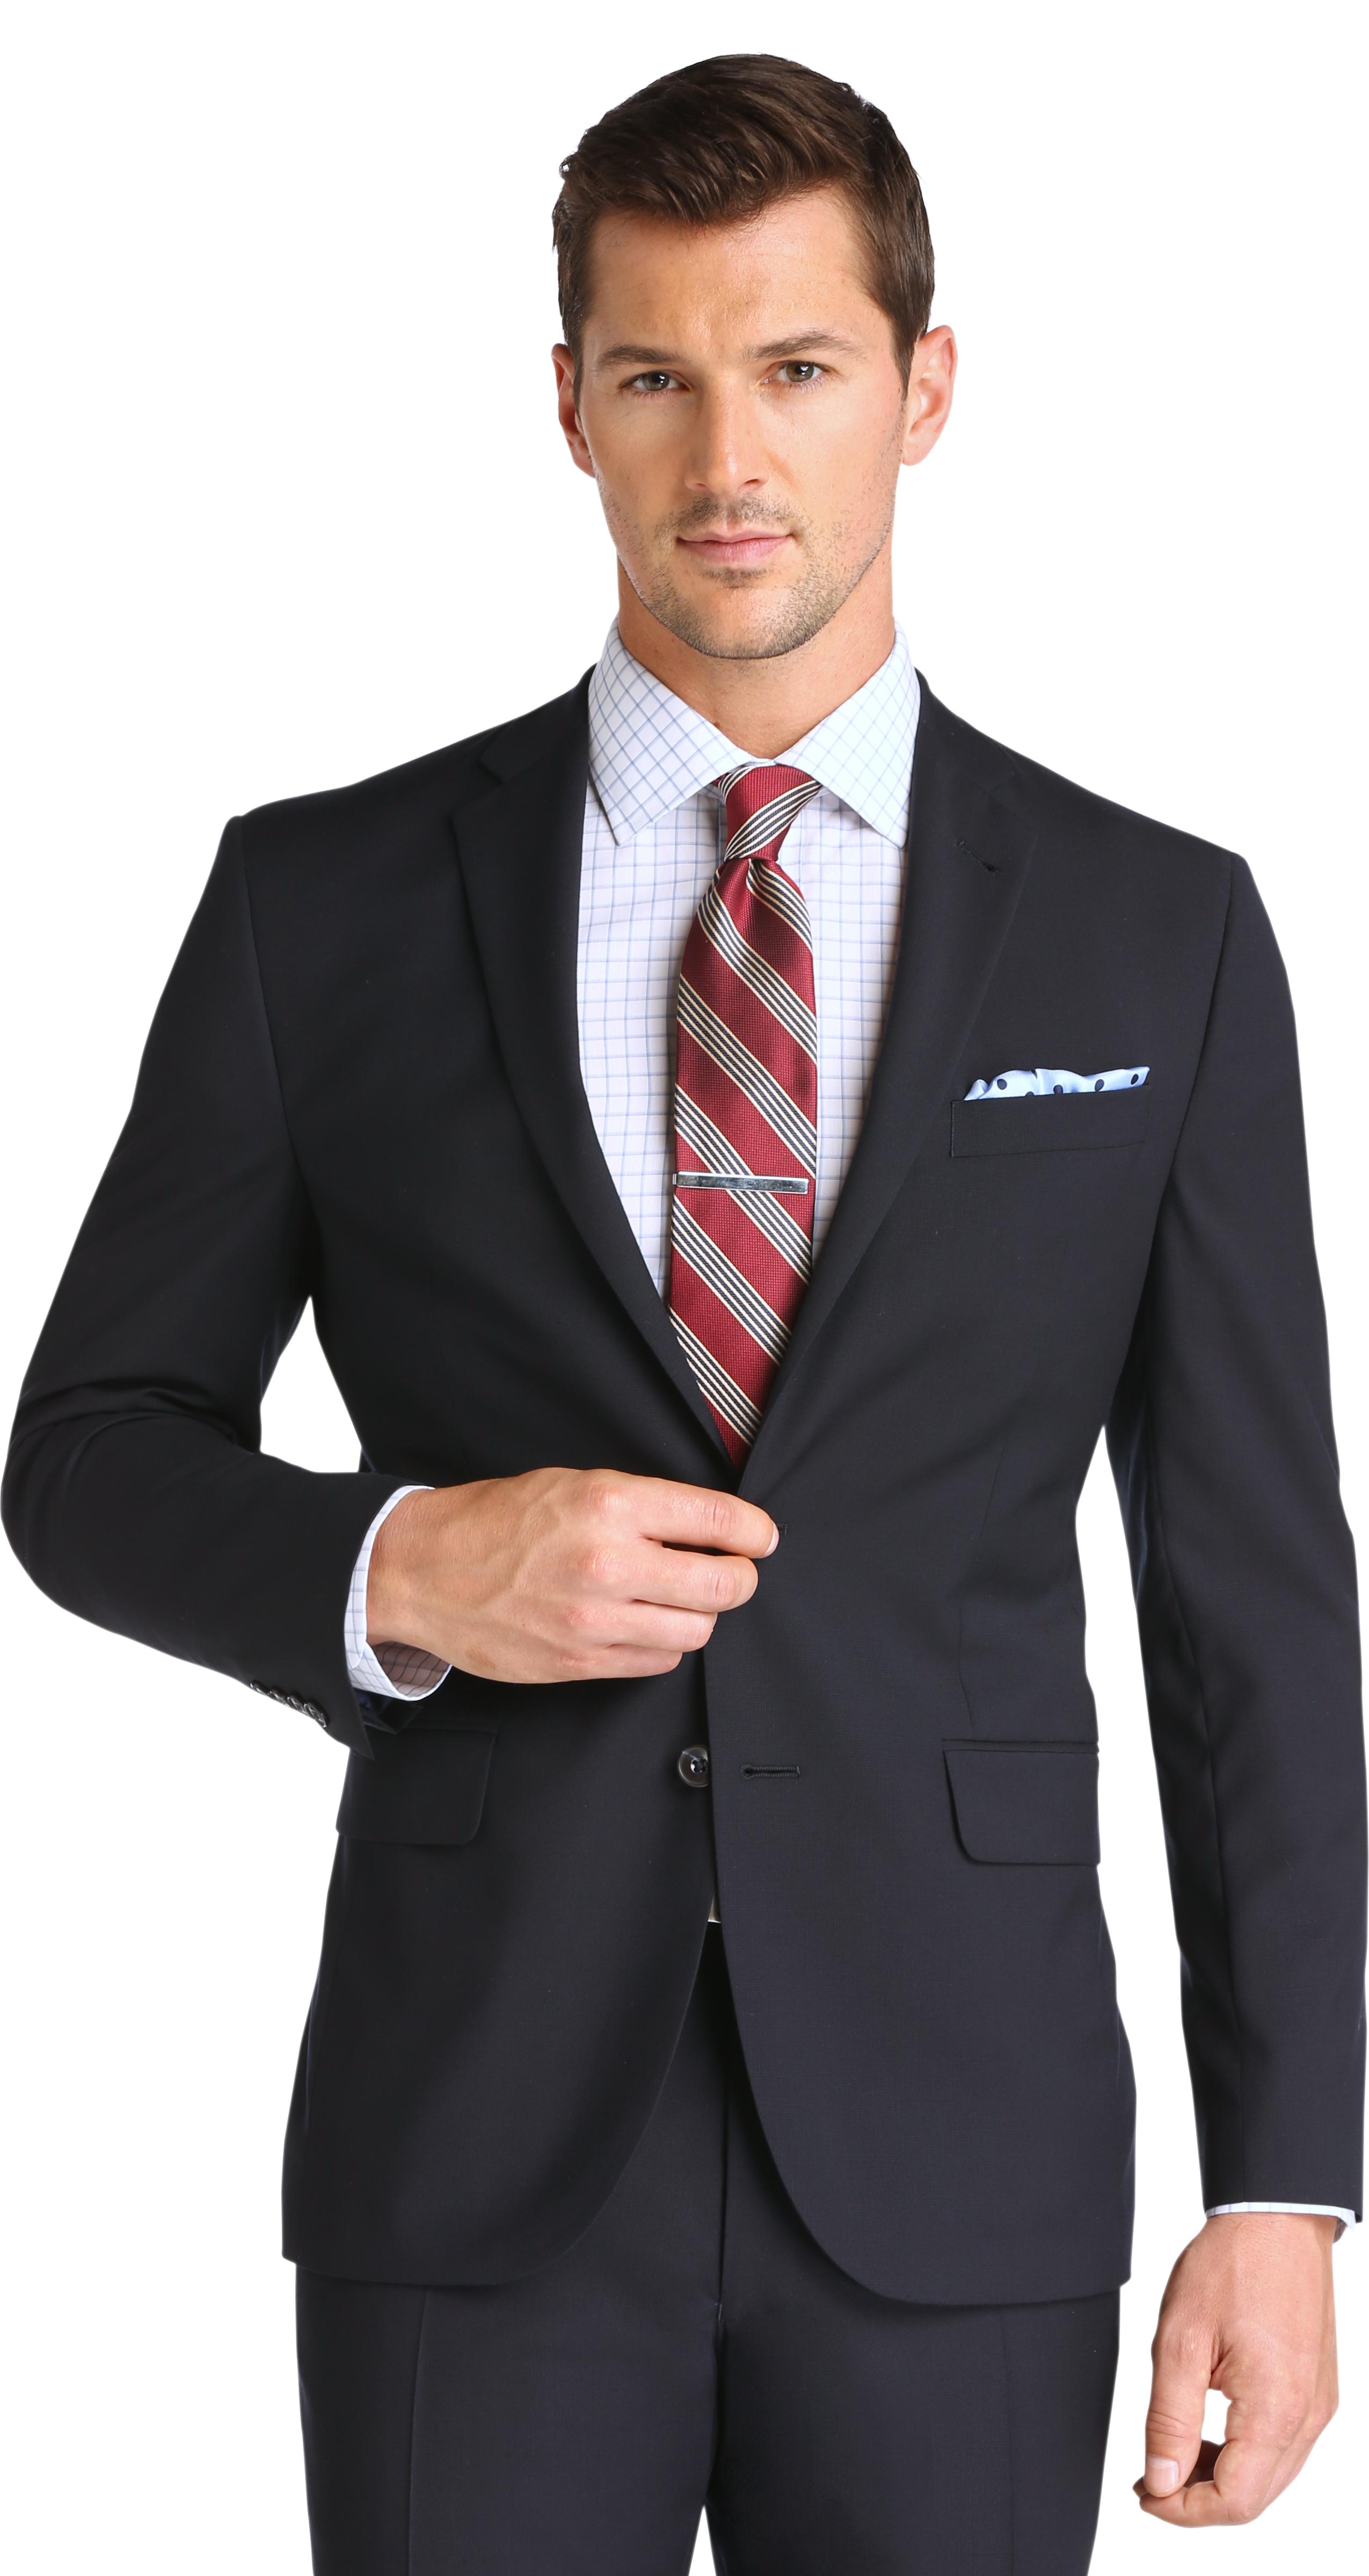 3c9404eae1eeb1 100% Wool Slim Fit Suit Separate Jacket - Men's Suits | JoS. A. Bank